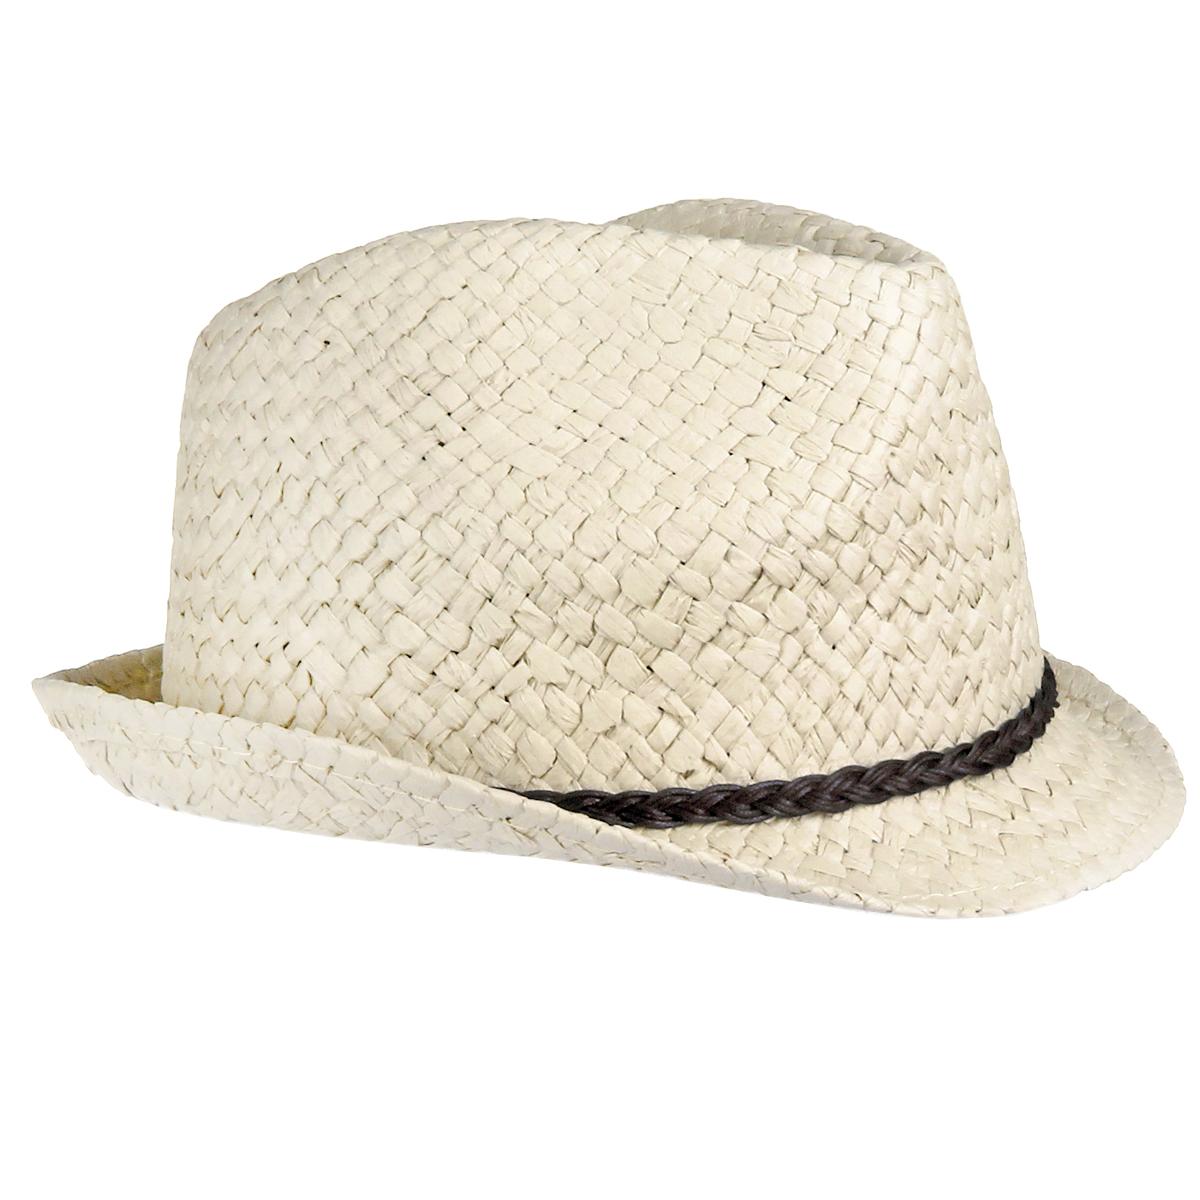 1963762Стильная летняя шляпа Canoe Togo, выполненная из искусственной соломы, станет незаменимым аксессуаром для пляжа и отдыха на природе, и обеспечит надежную защиту головы от солнца. Шляпа оформлена декоративным плетеным ремешком. Плетение шляпы обеспечивает необходимую вентиляцию и комфорт даже в самый знойный день. Шляпа легко восстанавливает свою форму после сжатия. Такая шляпа подчеркнет вашу неповторимость и дополнит ваш повседневный образ.